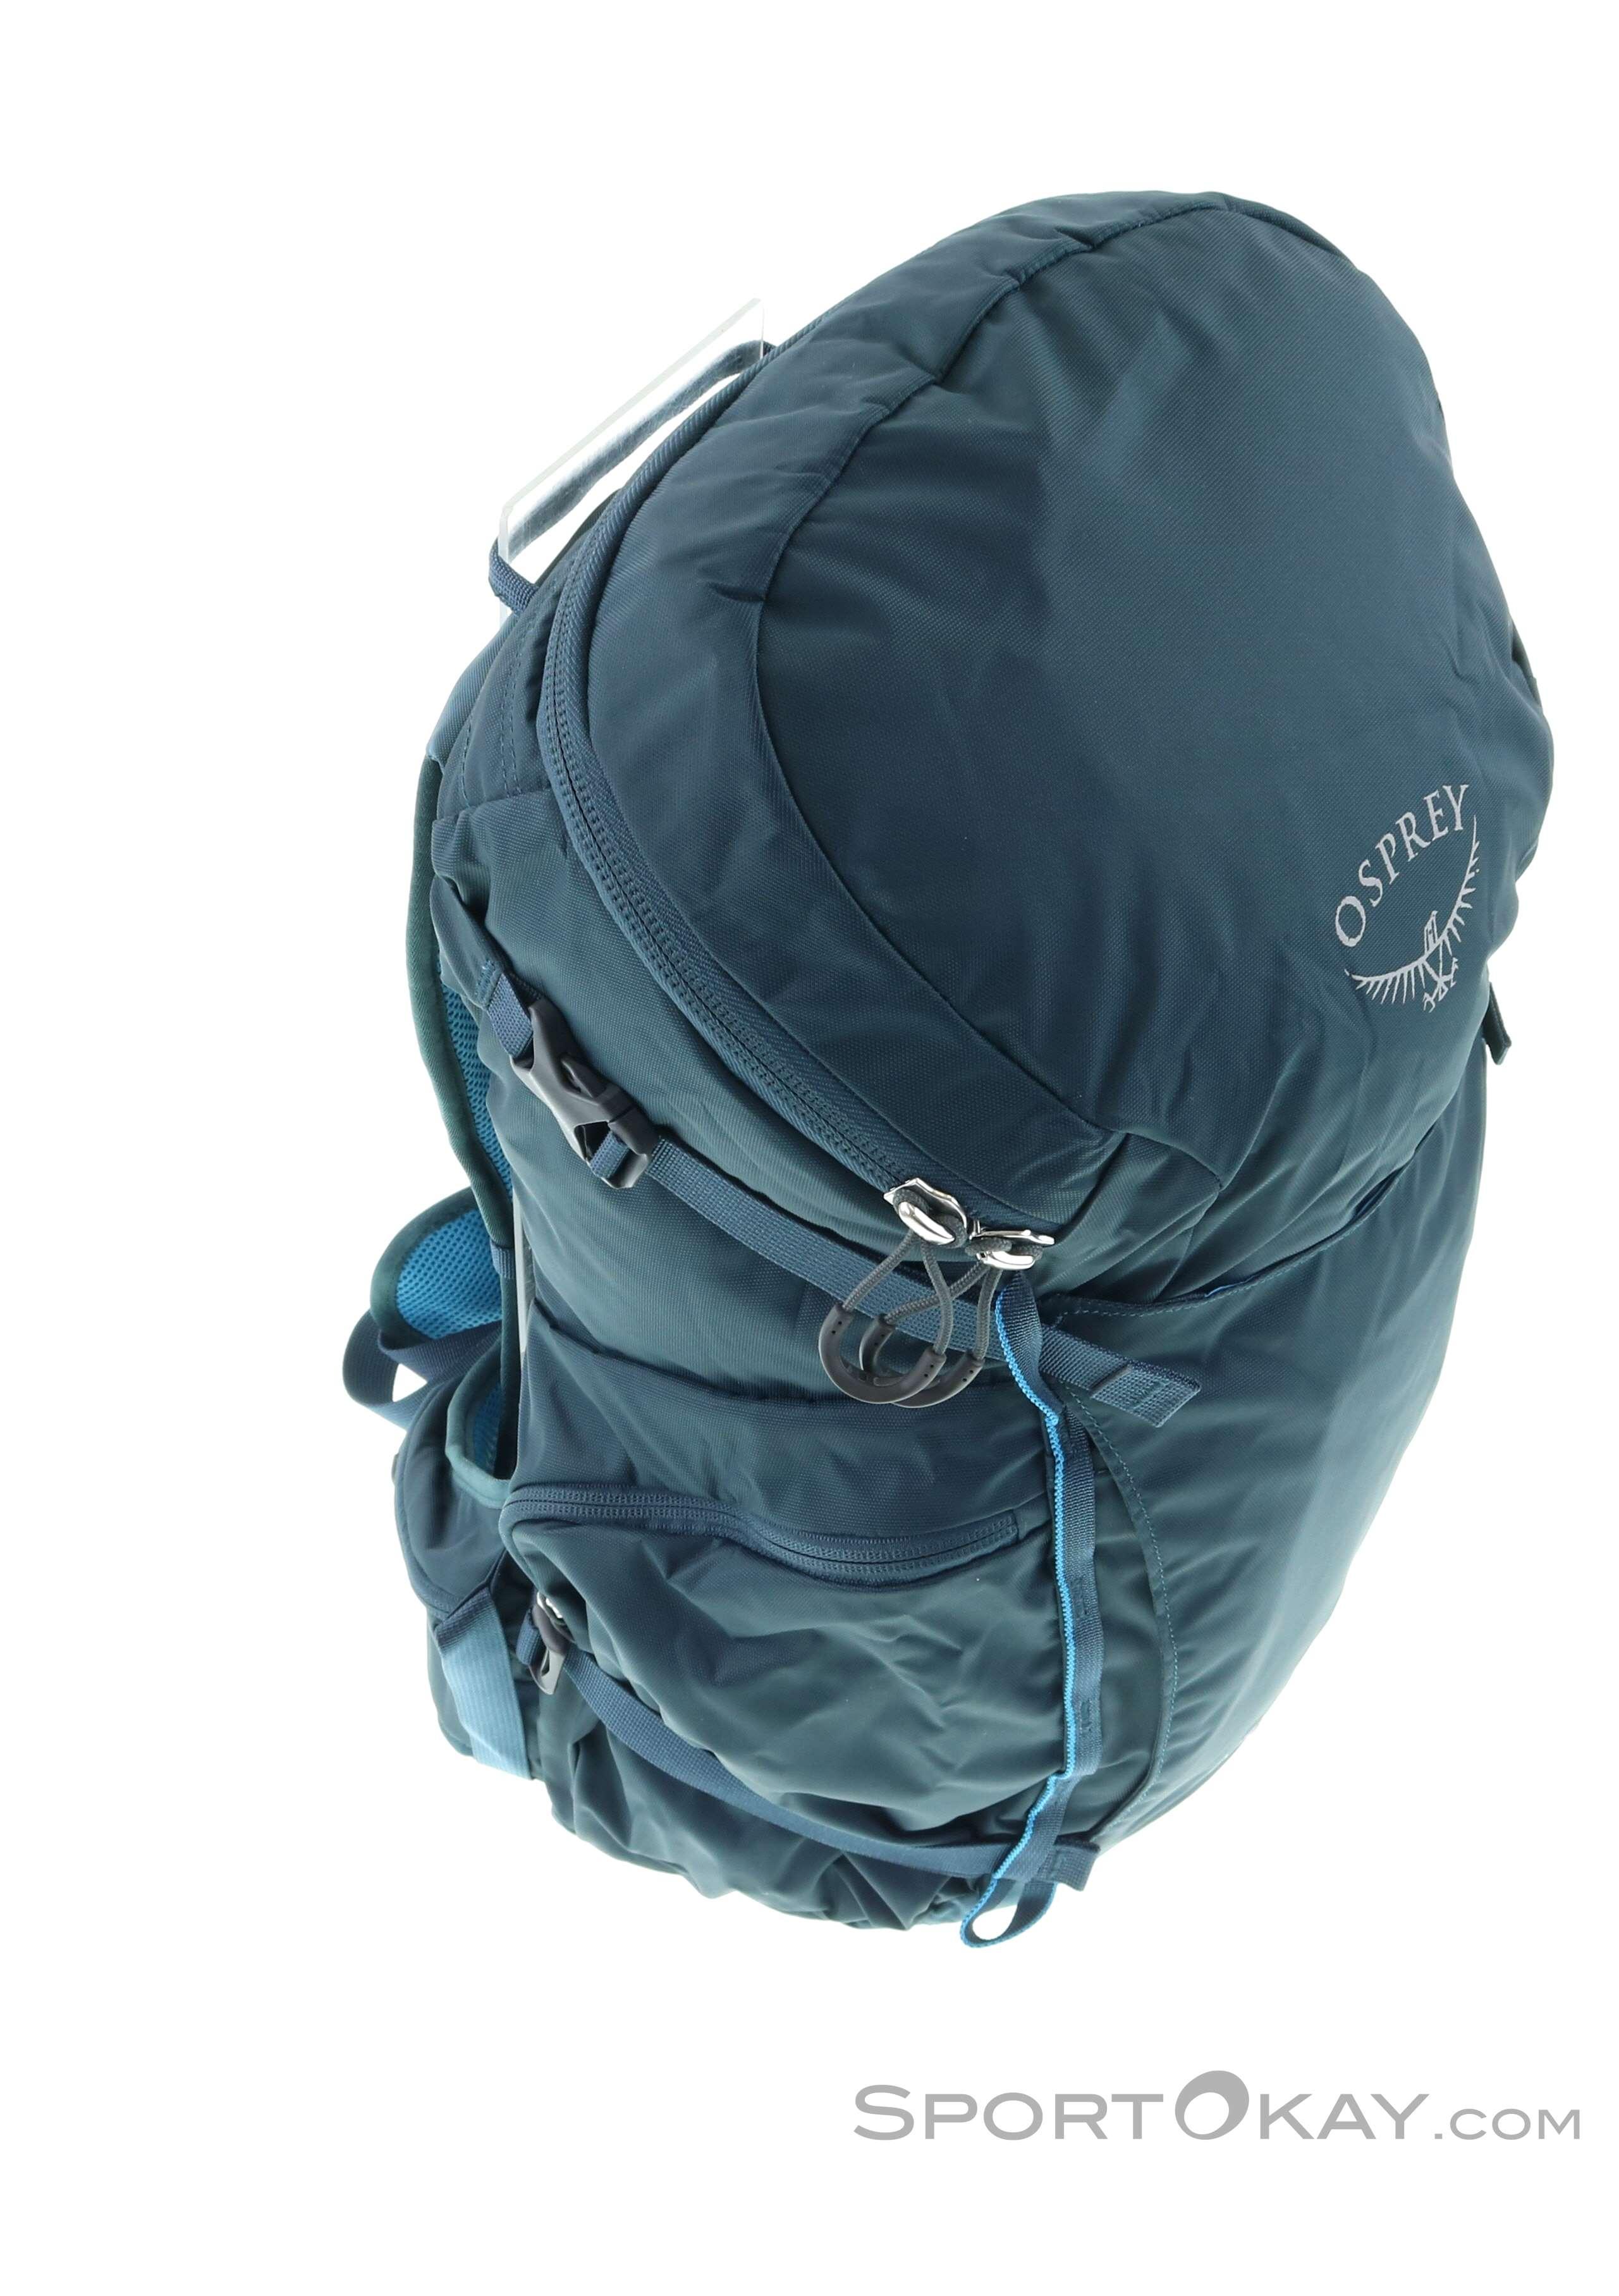 welbekend top kwaliteit grote verscheidenheid aan modellen Osprey Osprey Skarab 30l Backpack